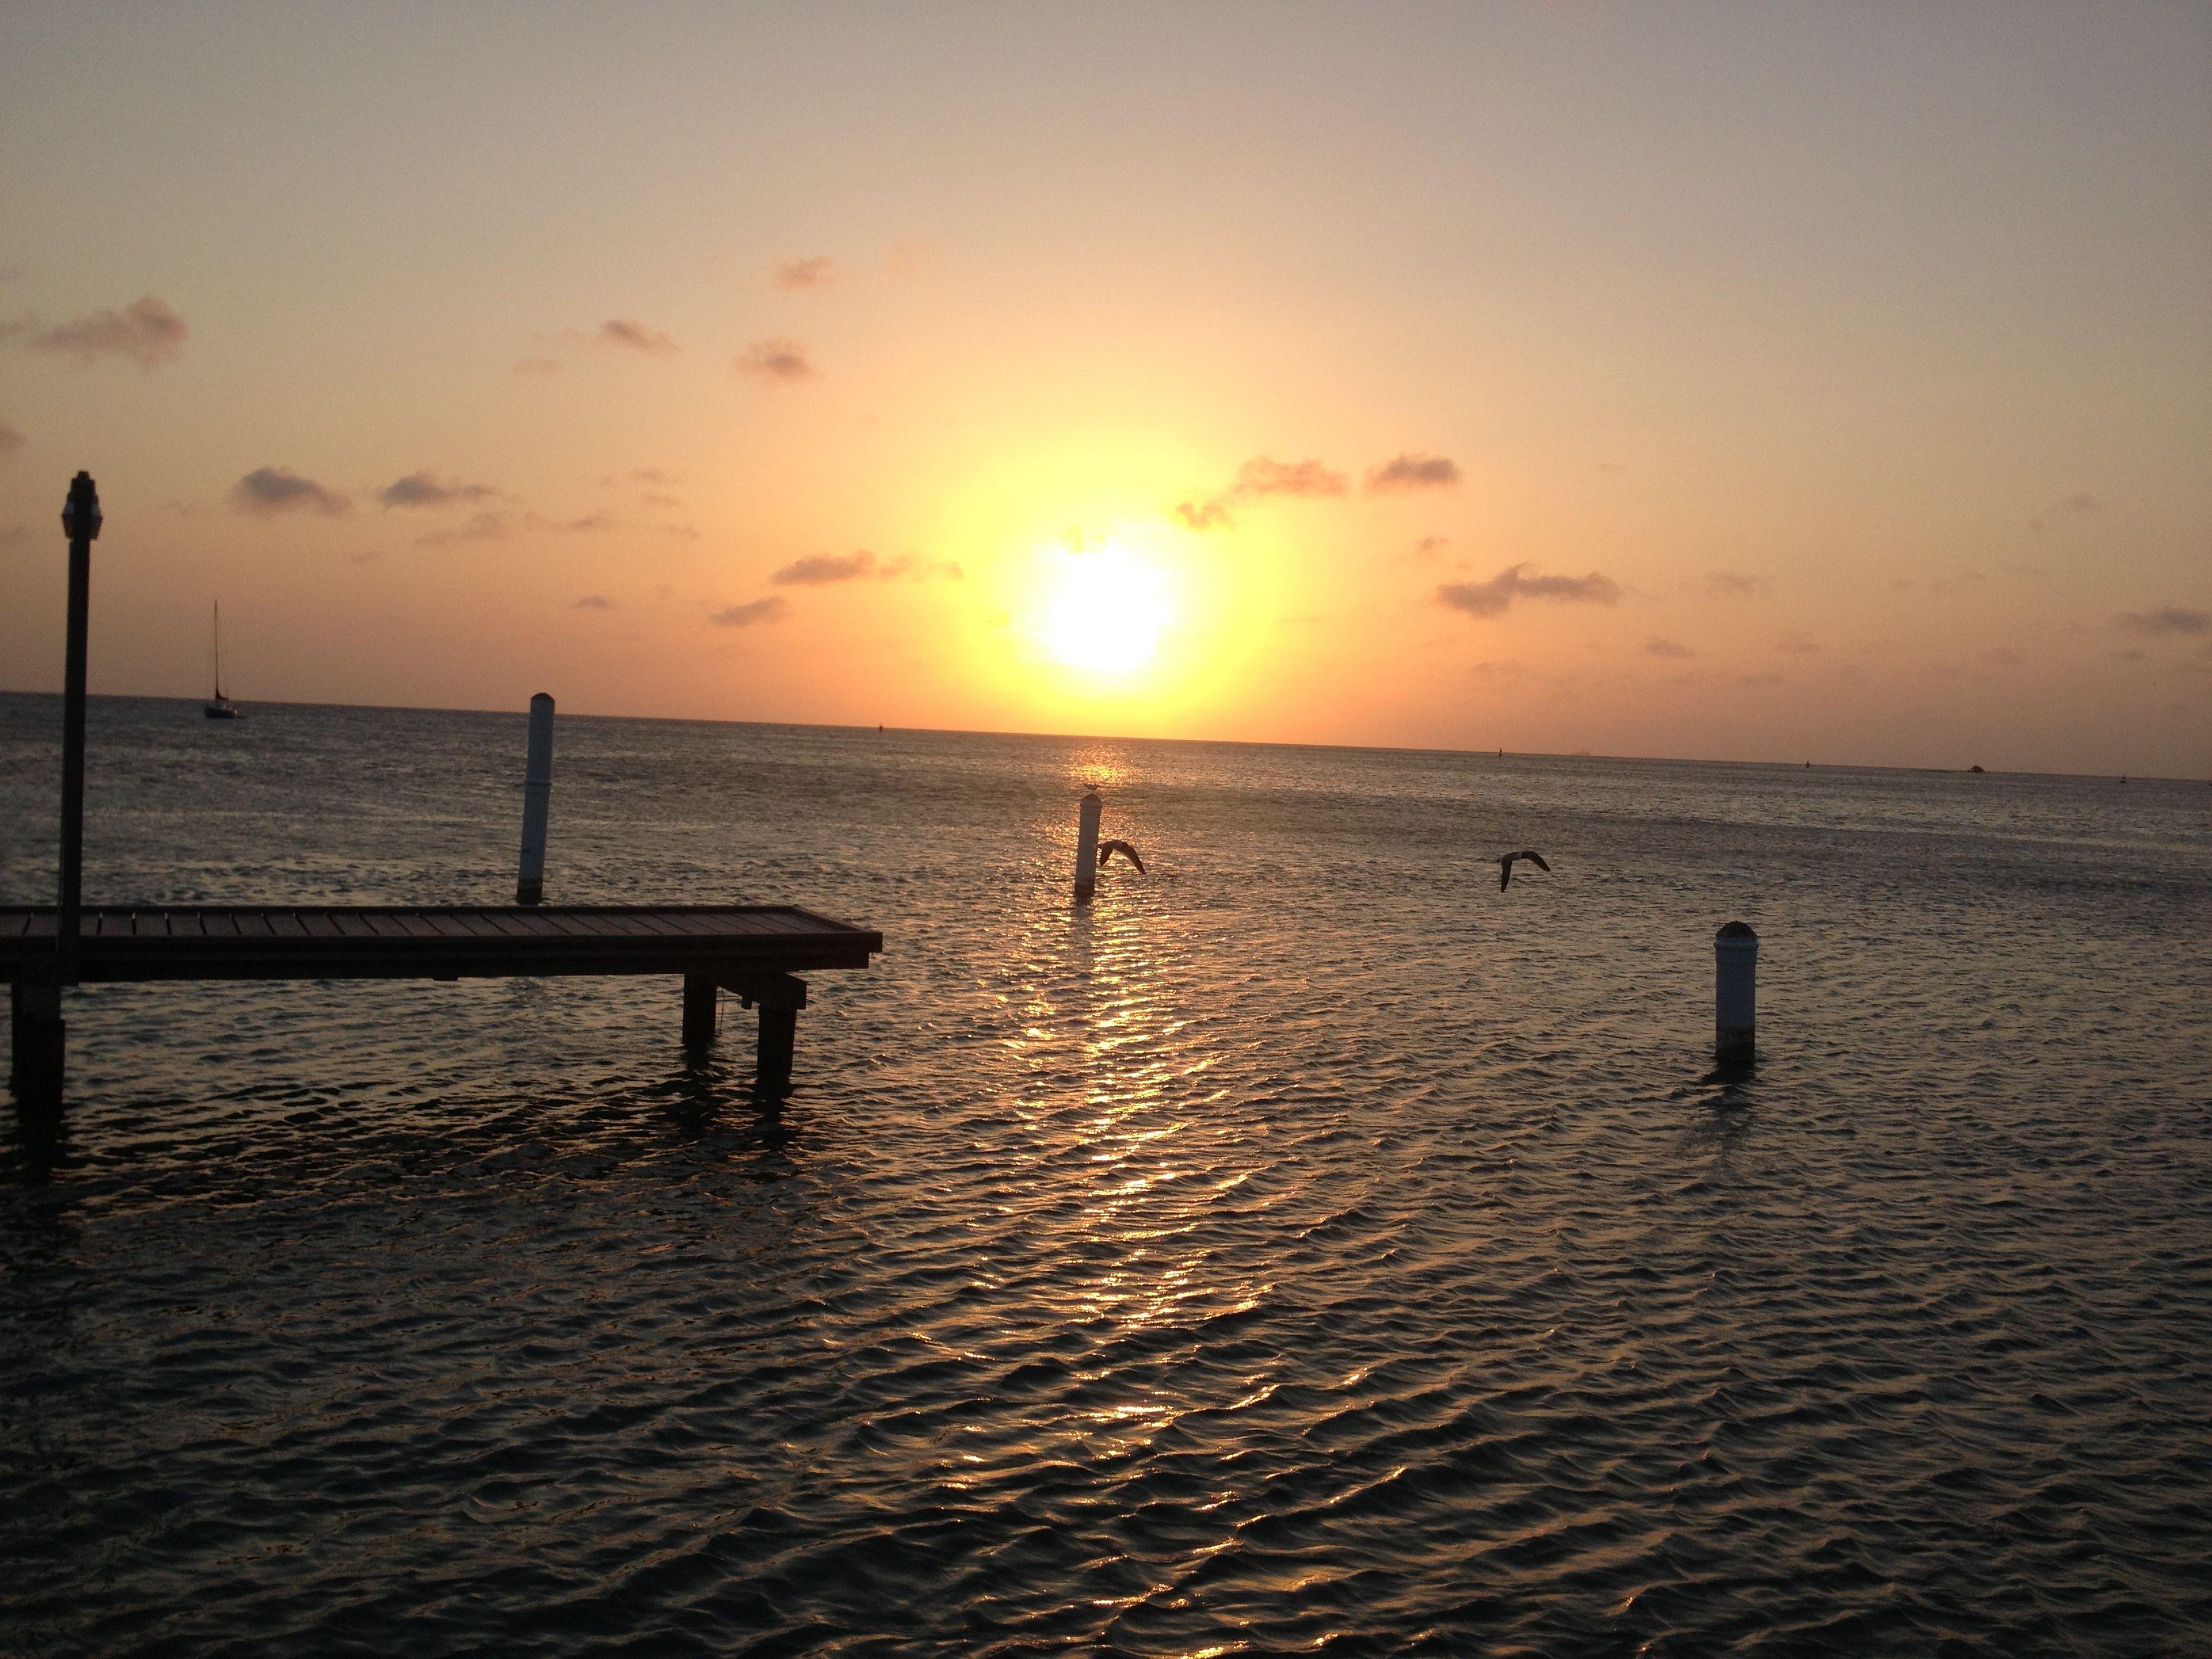 Sunset in Aruba from Pincho's Bar & Grill Sunset, Aruba